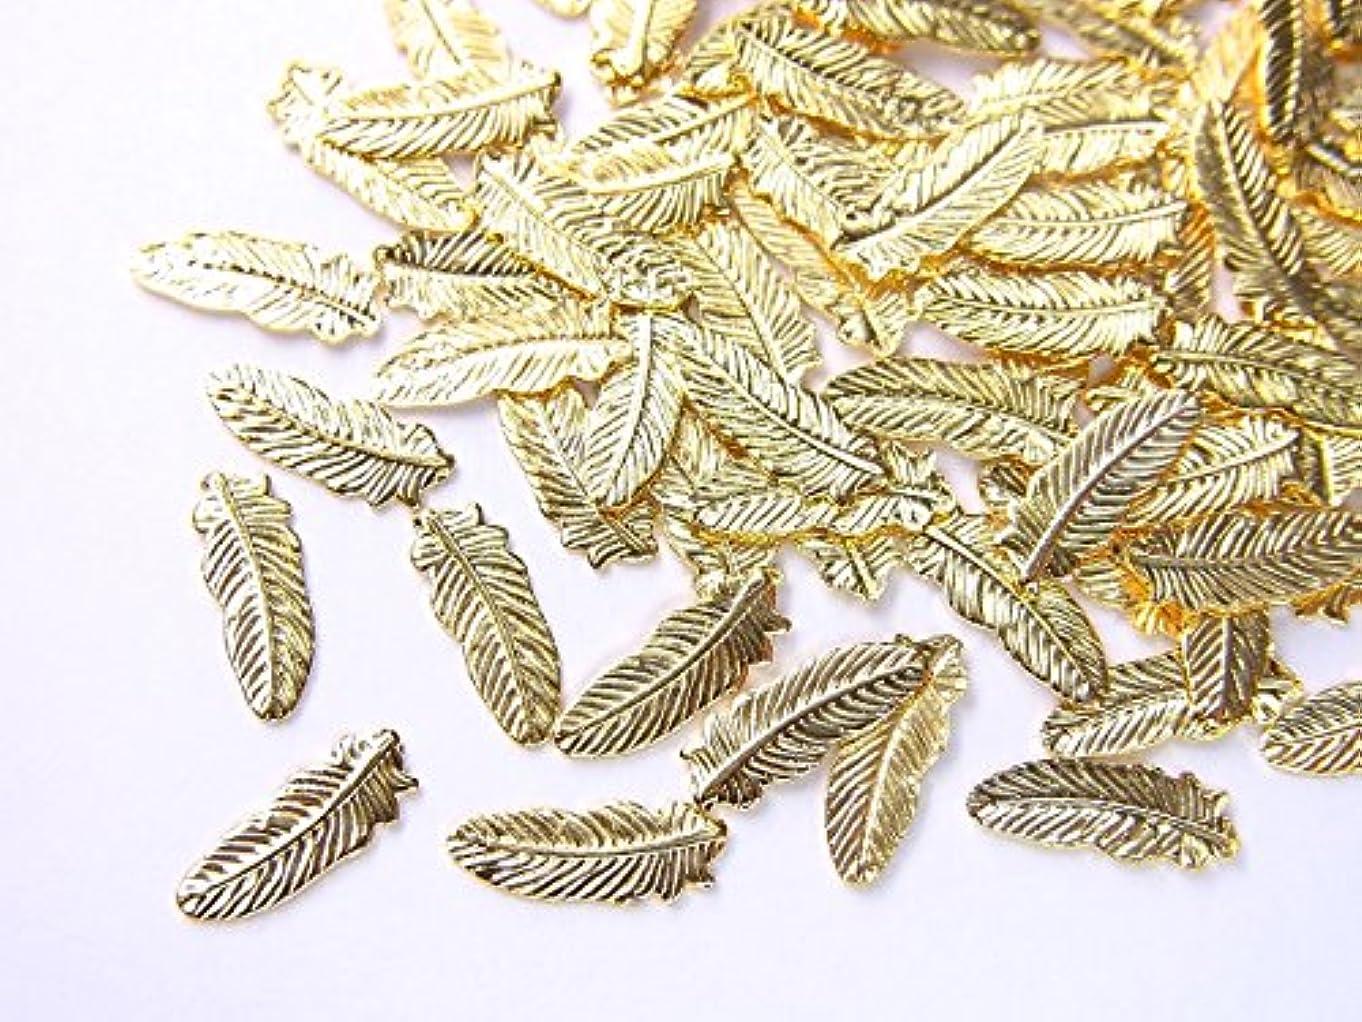 しみ進化判定【jewel】薄型ネイルパーツ フェザー大 約8.2mm×3mm 10個入りゴールド 手芸 素材 アートパーツ デコ素材